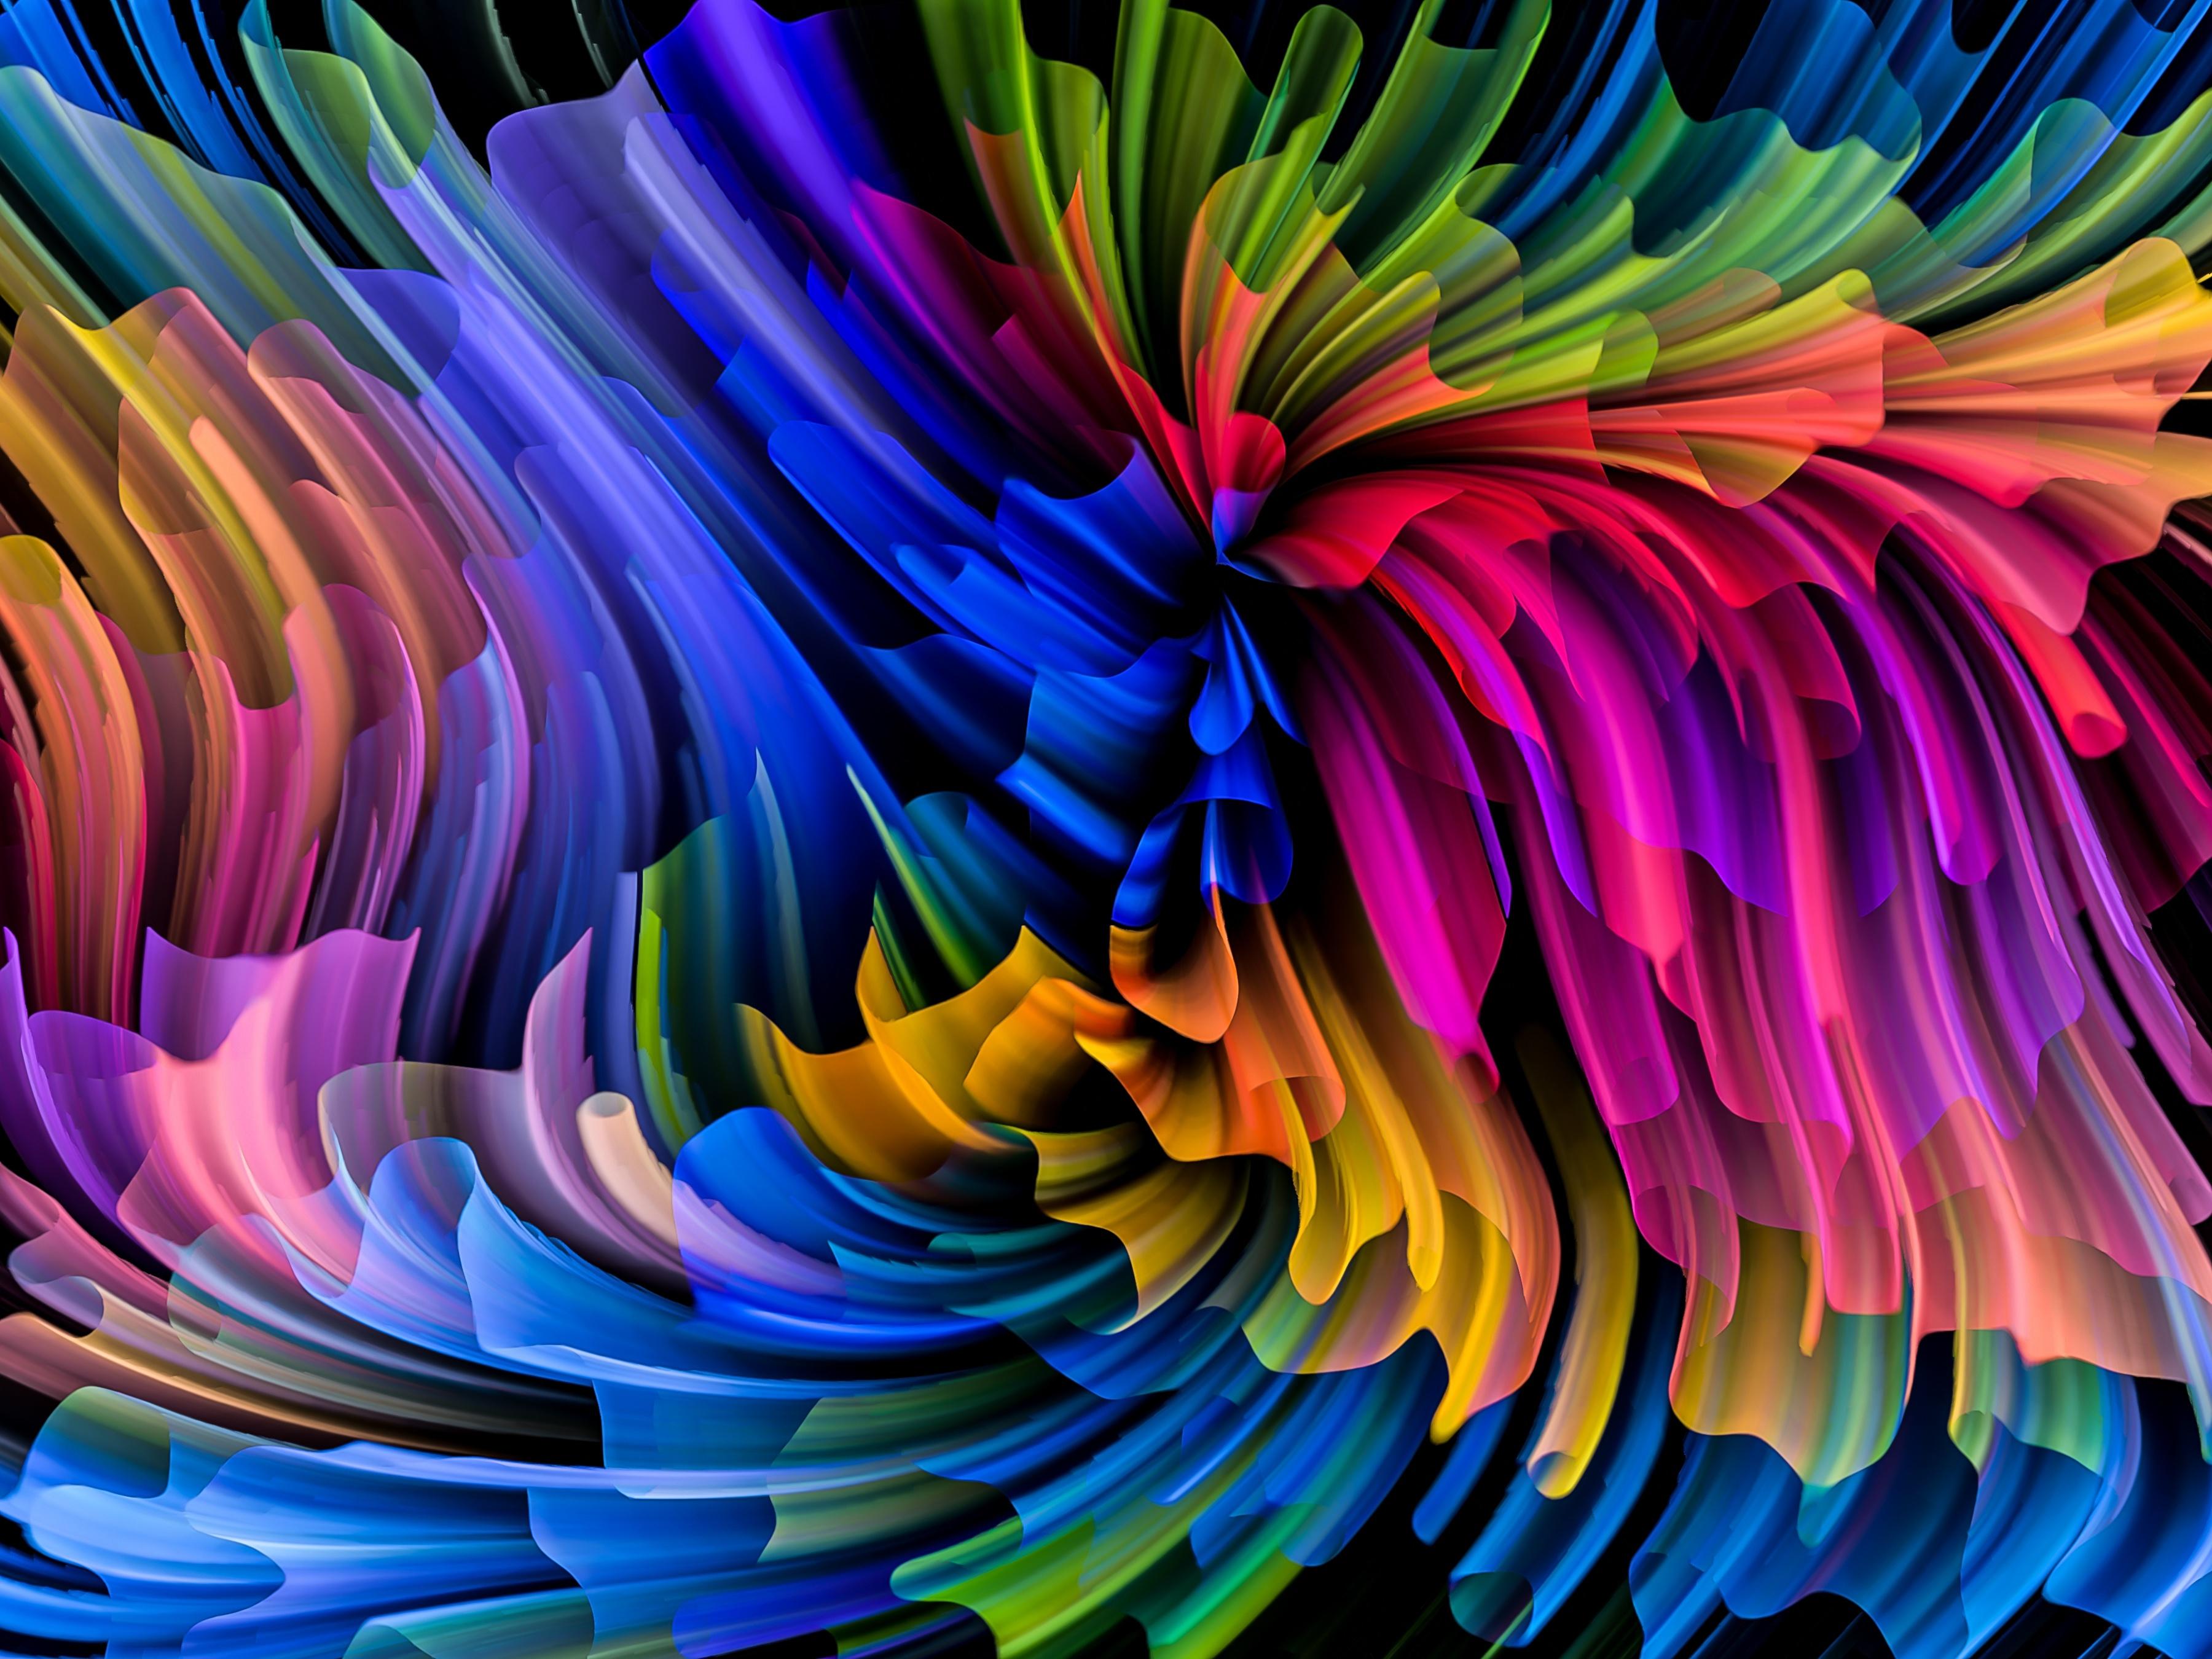 Картинки ногтей с разноцветным френчем фото боевых